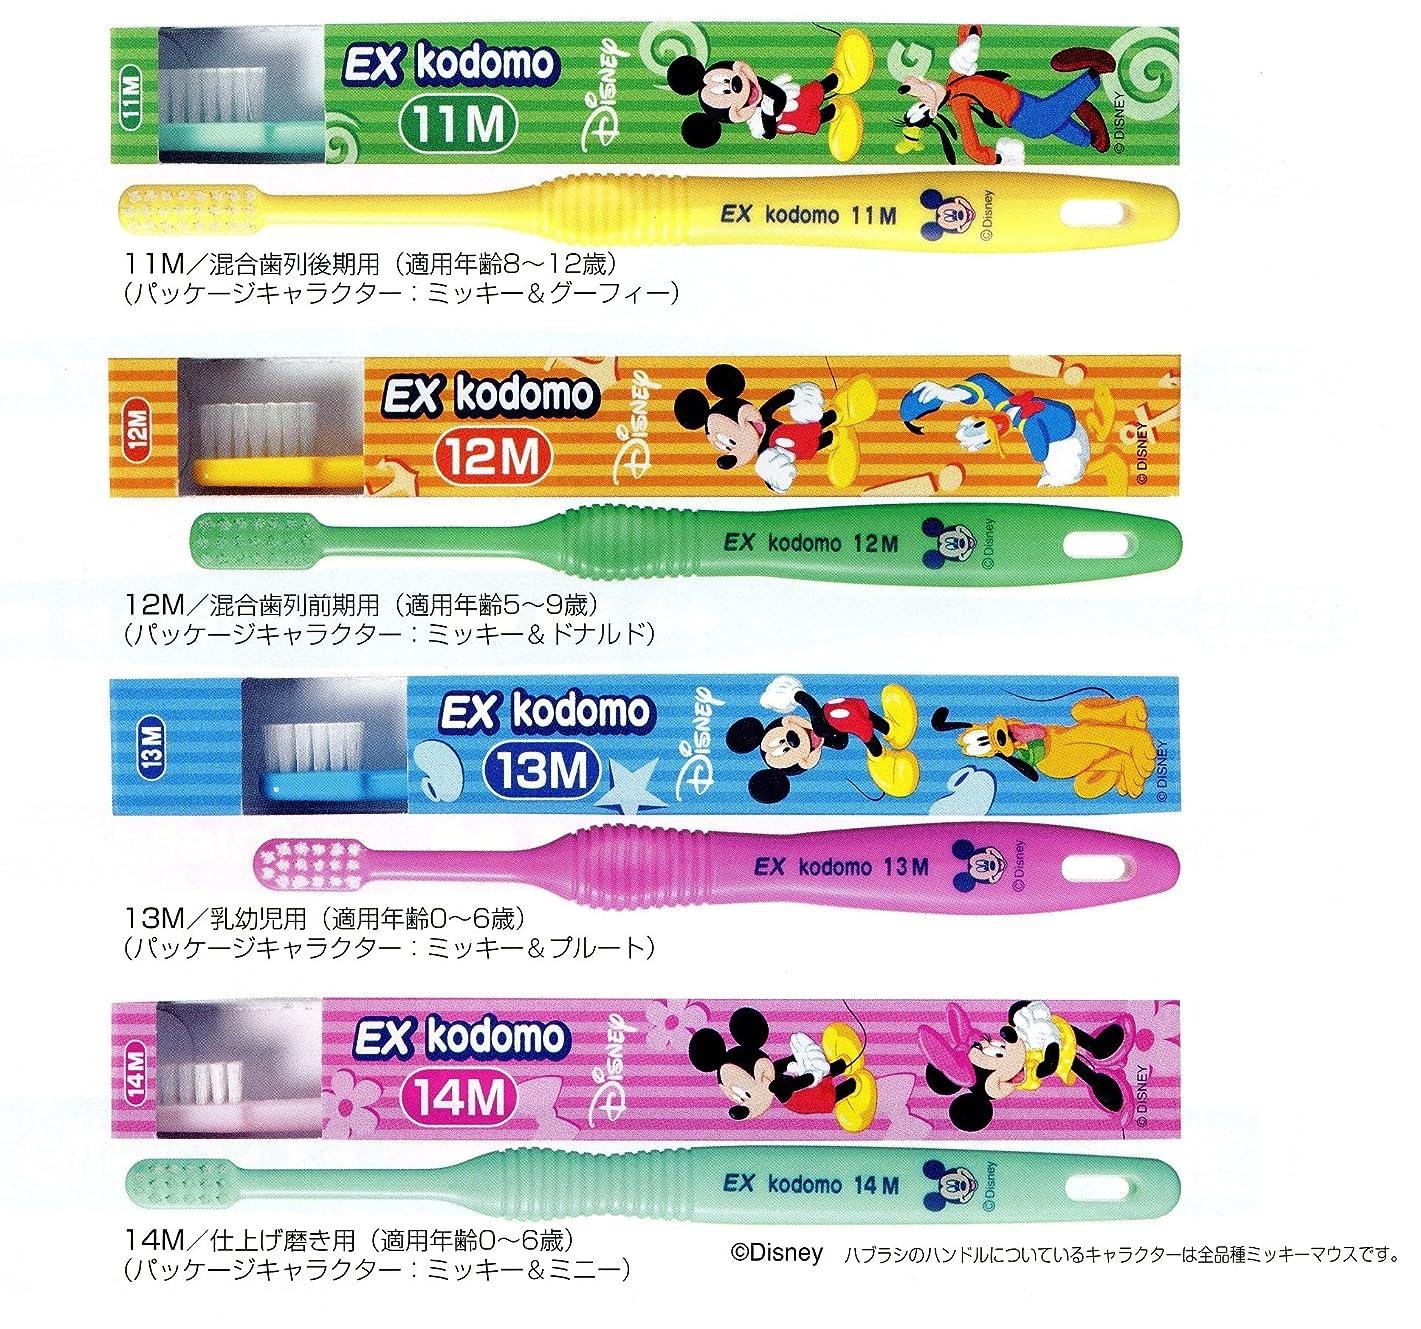 ボルトゲームご近所ライオン コドモ ディズニー DENT.EX kodomo Disney 1本 11M イエロー (8?12歳)